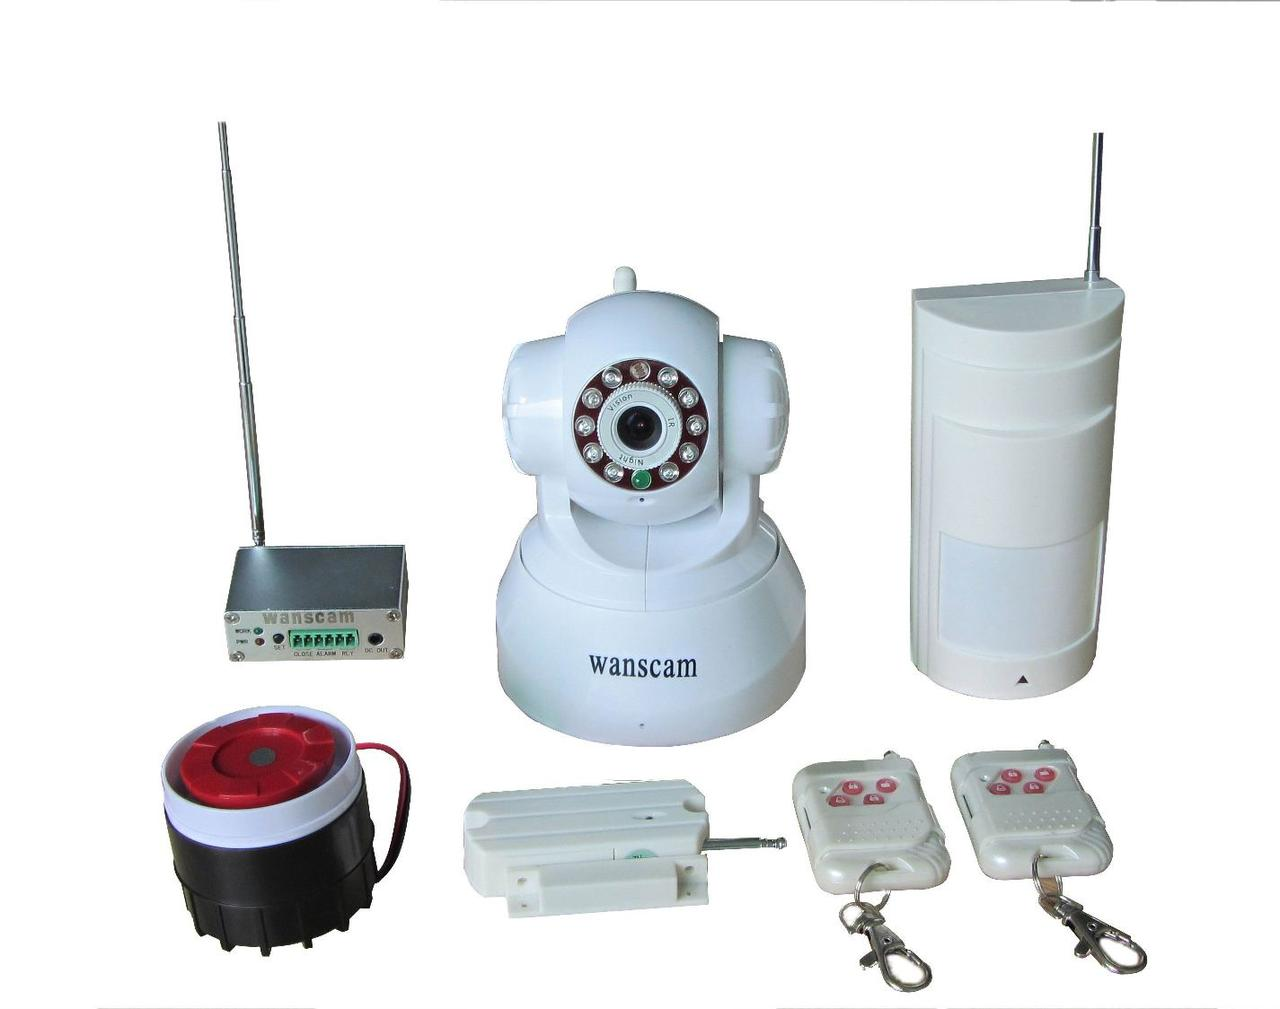 WIPA-118 IP камера + беспроводная система безопасности